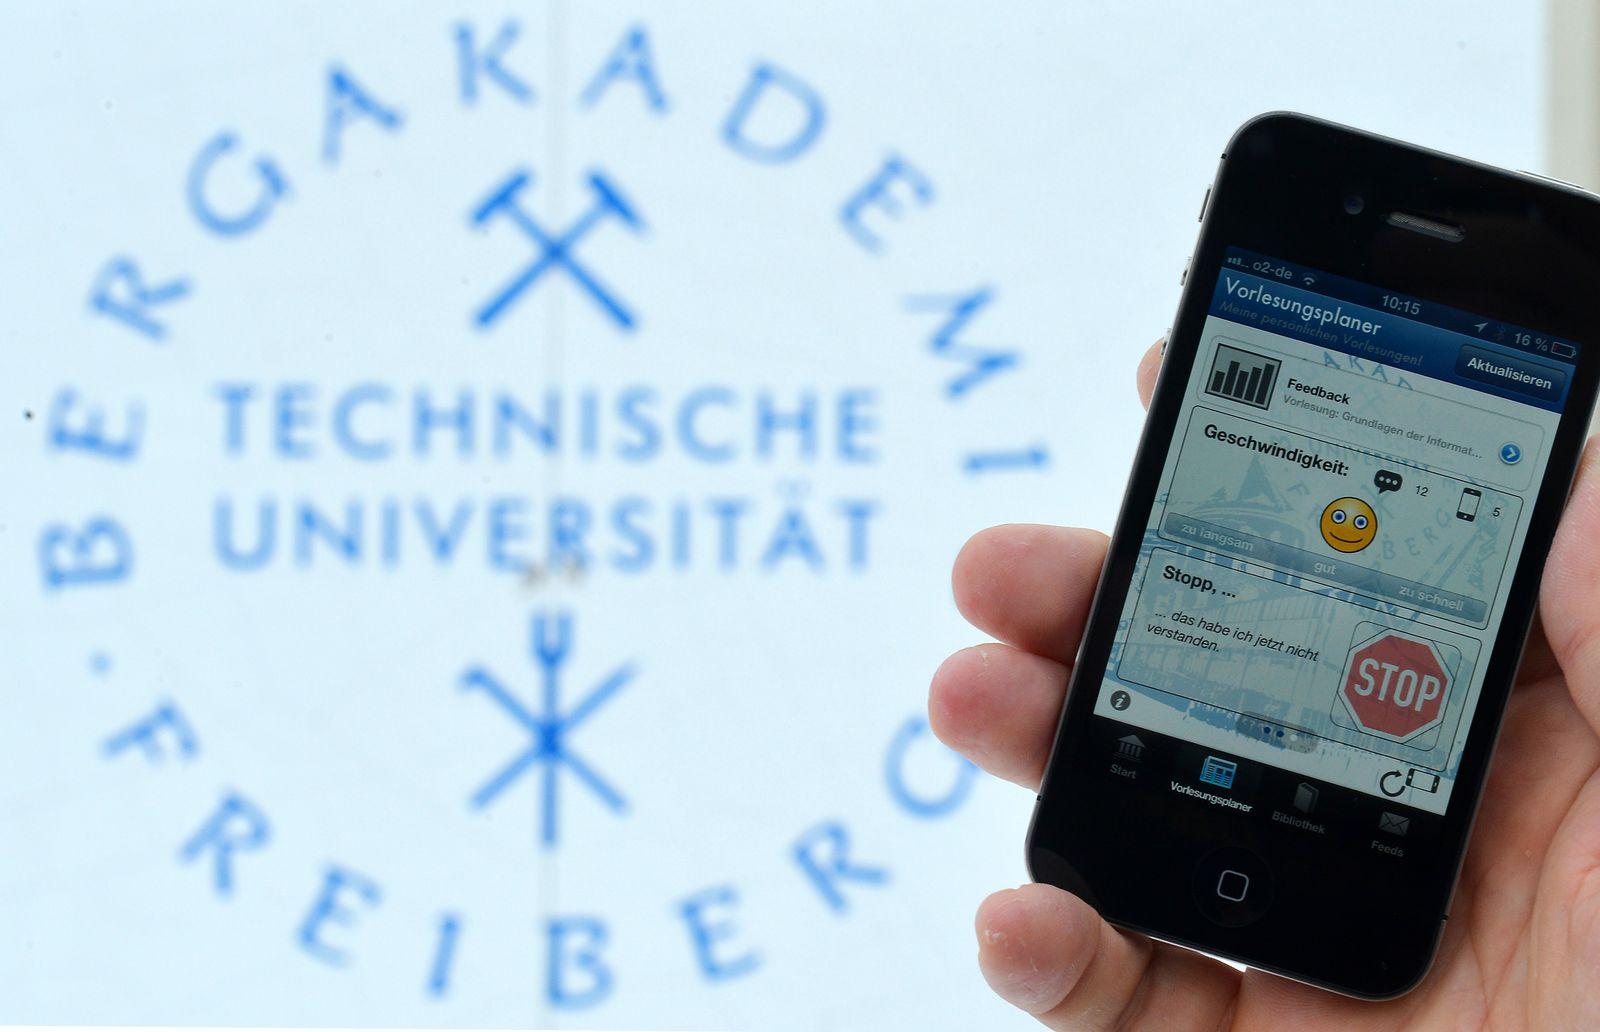 NICHT VERWENDEN Uni Freiberg / Handy / Professor